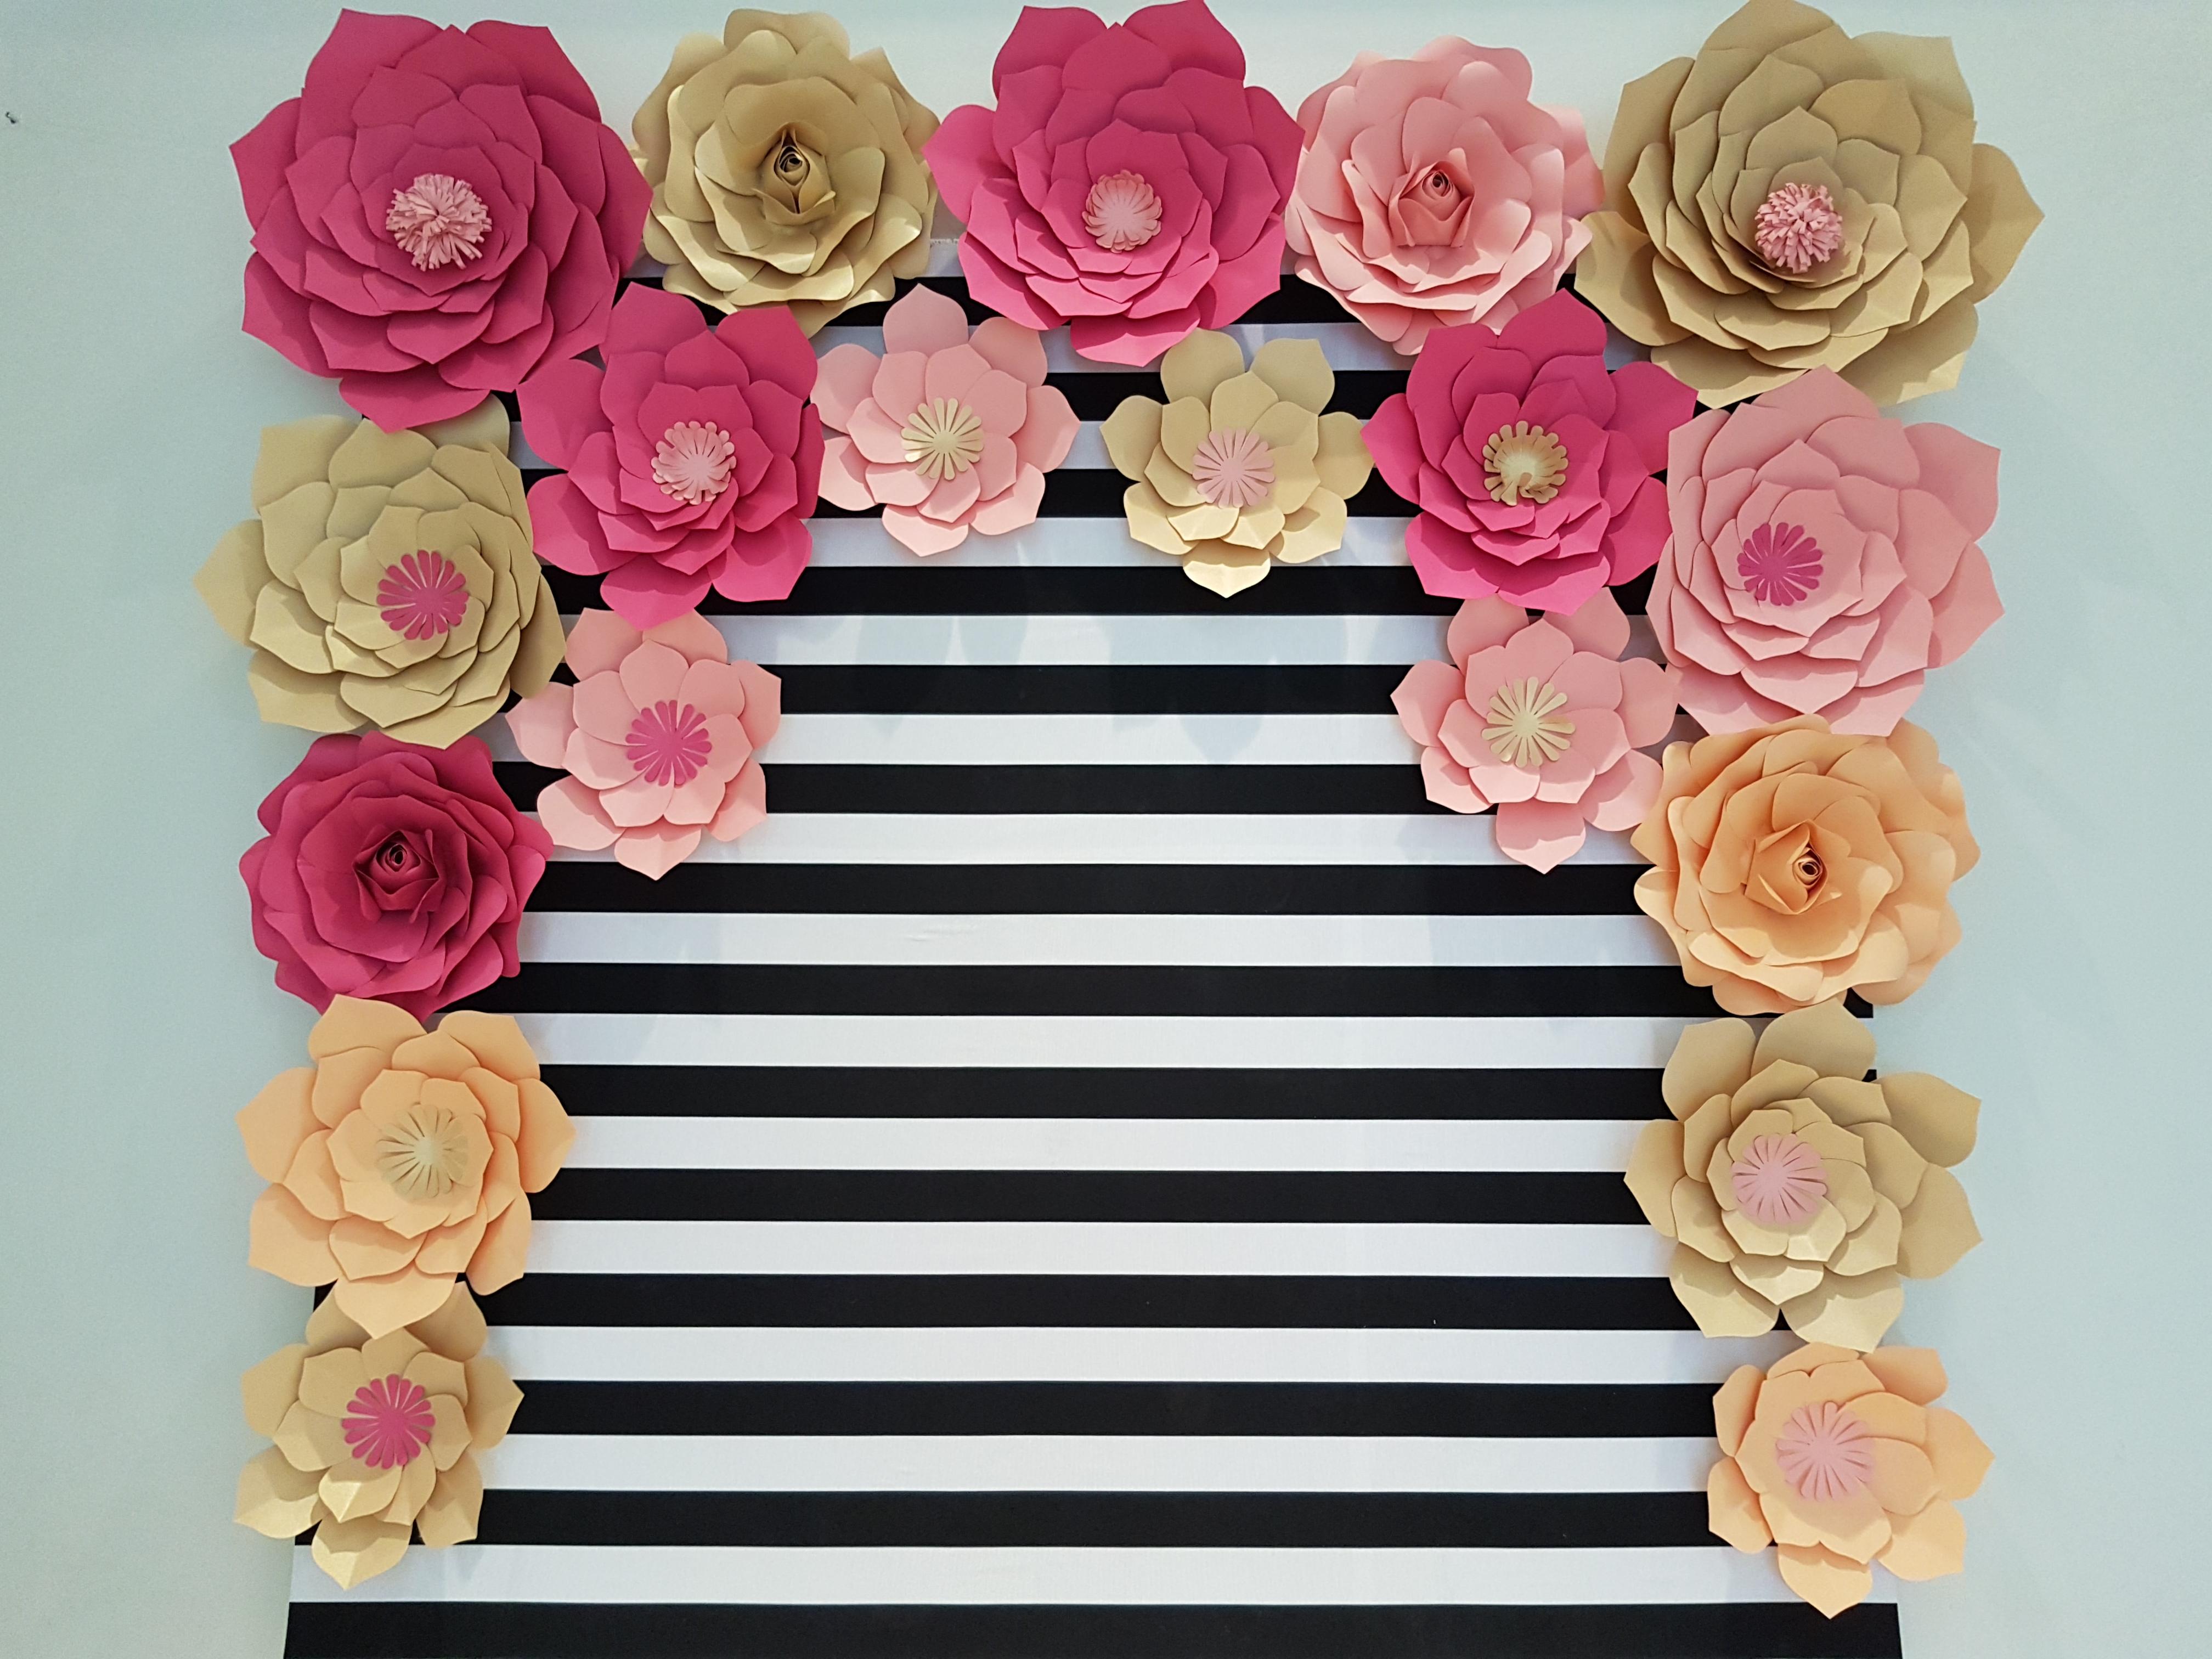 painel de pallet com flores de papel